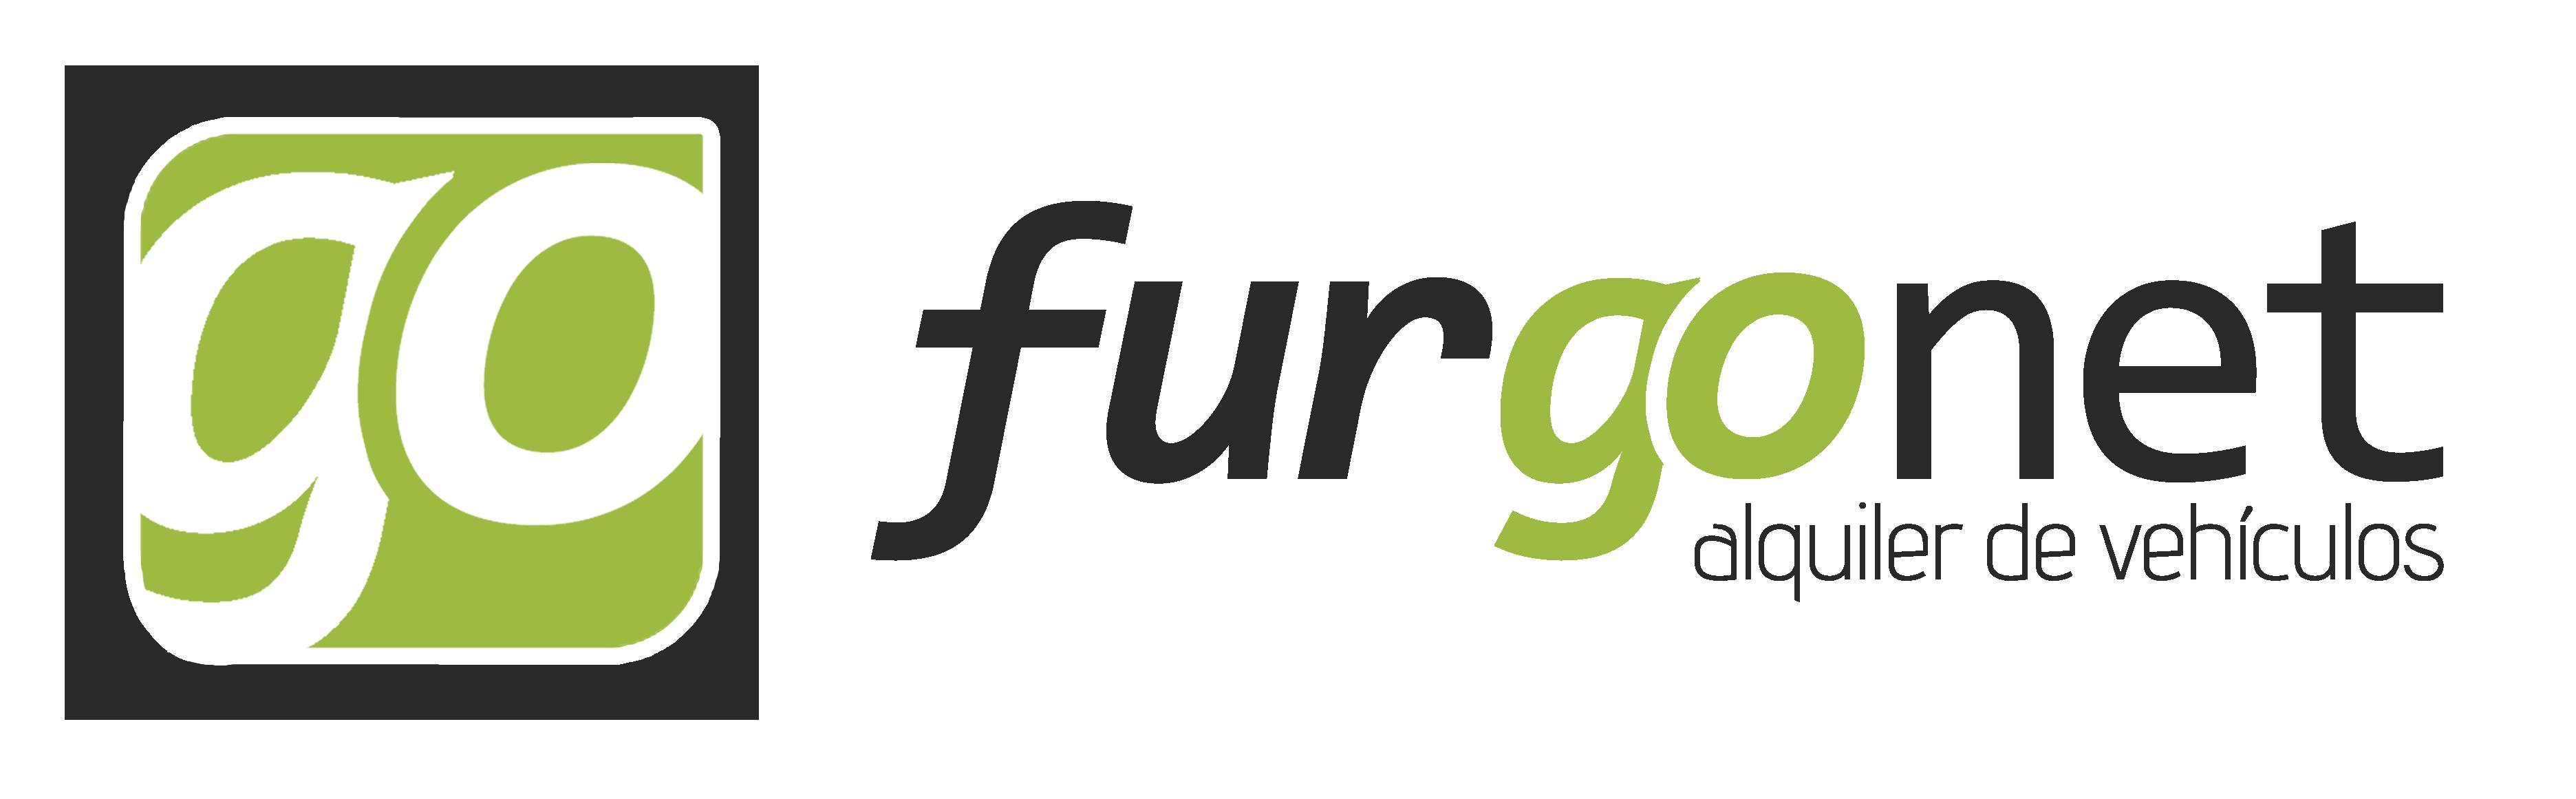 Furgonet